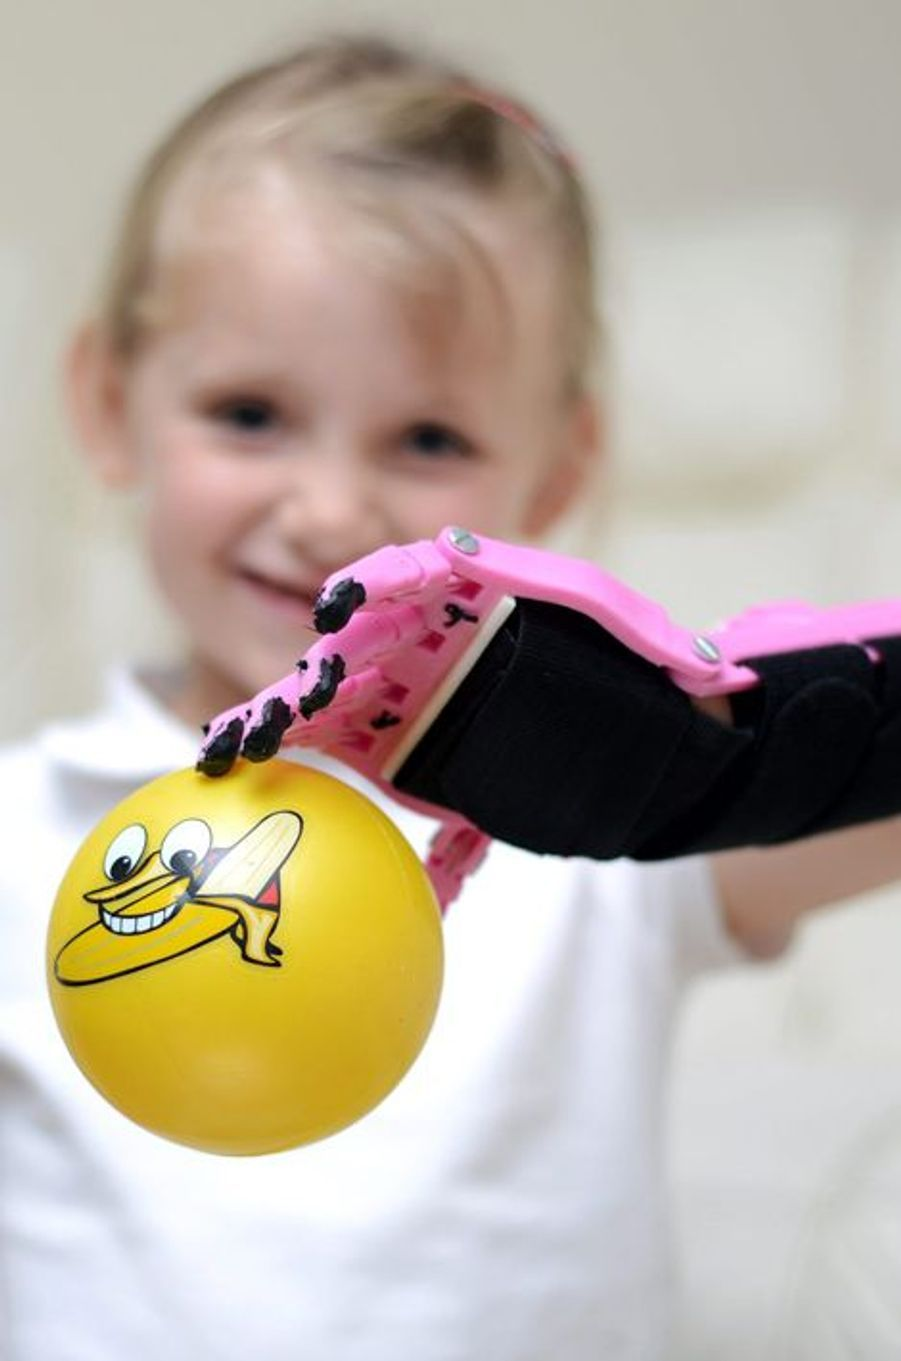 Haley, 5 ans, a bénéficié d'une main fabriquée grâce à une imprimante 3D